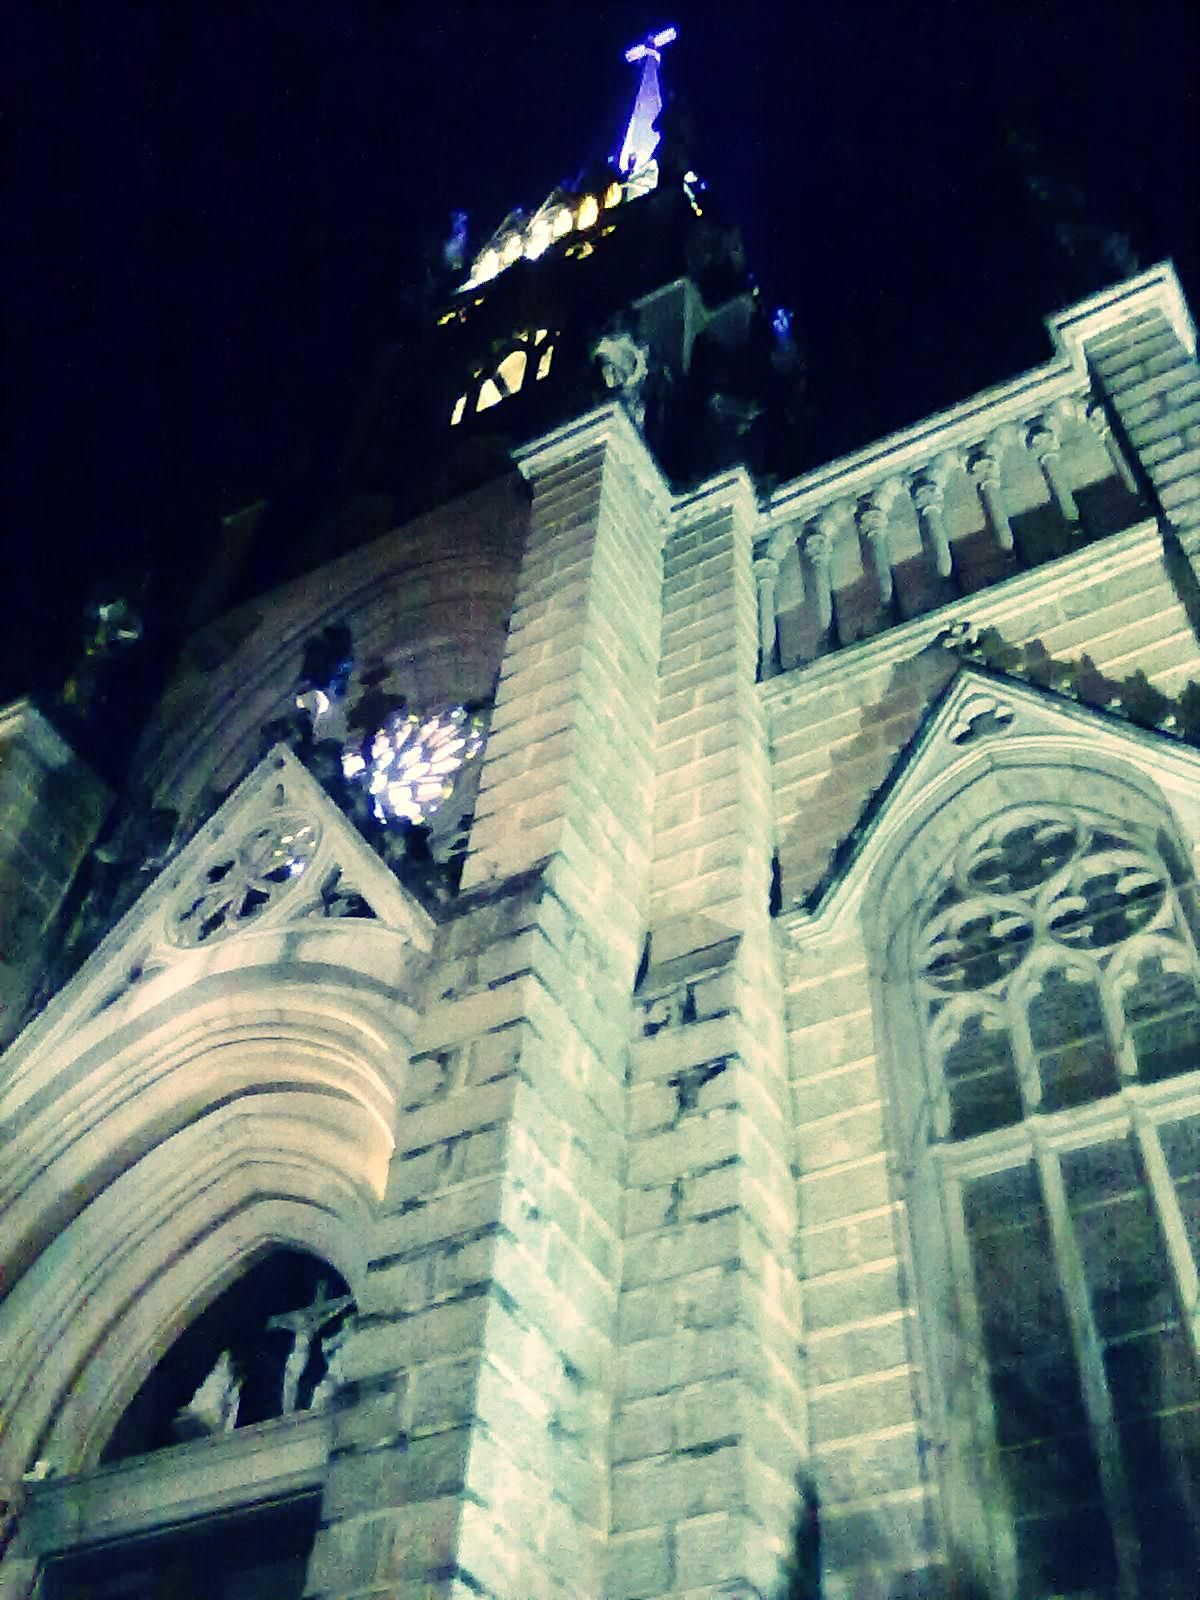 Uma das catedrais mais lindas que já vi!